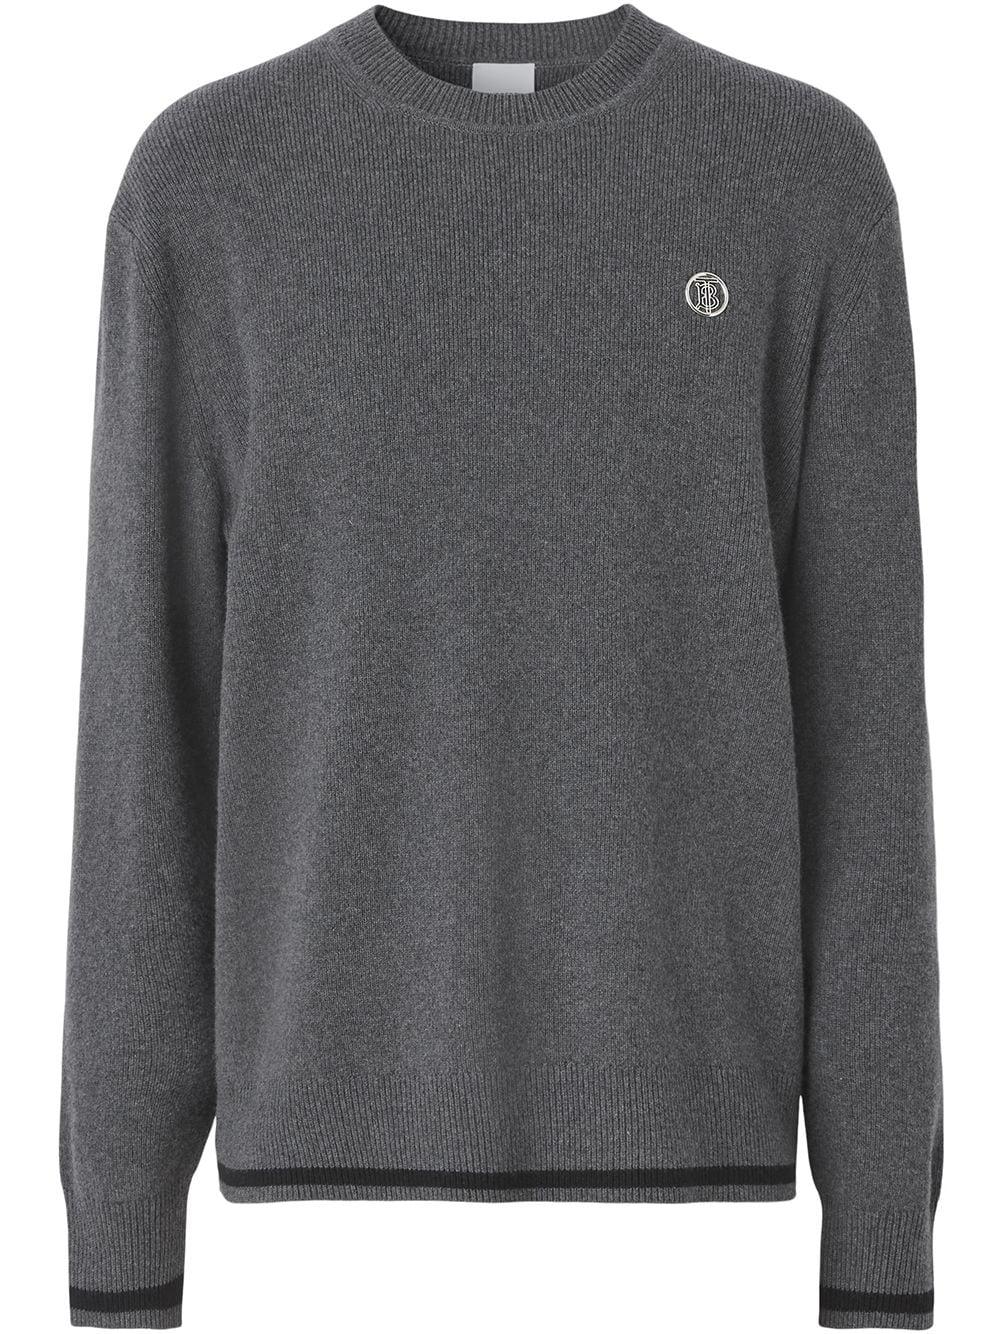 Burberry monogram-motif cashmere-cotton blend jumper - Grau